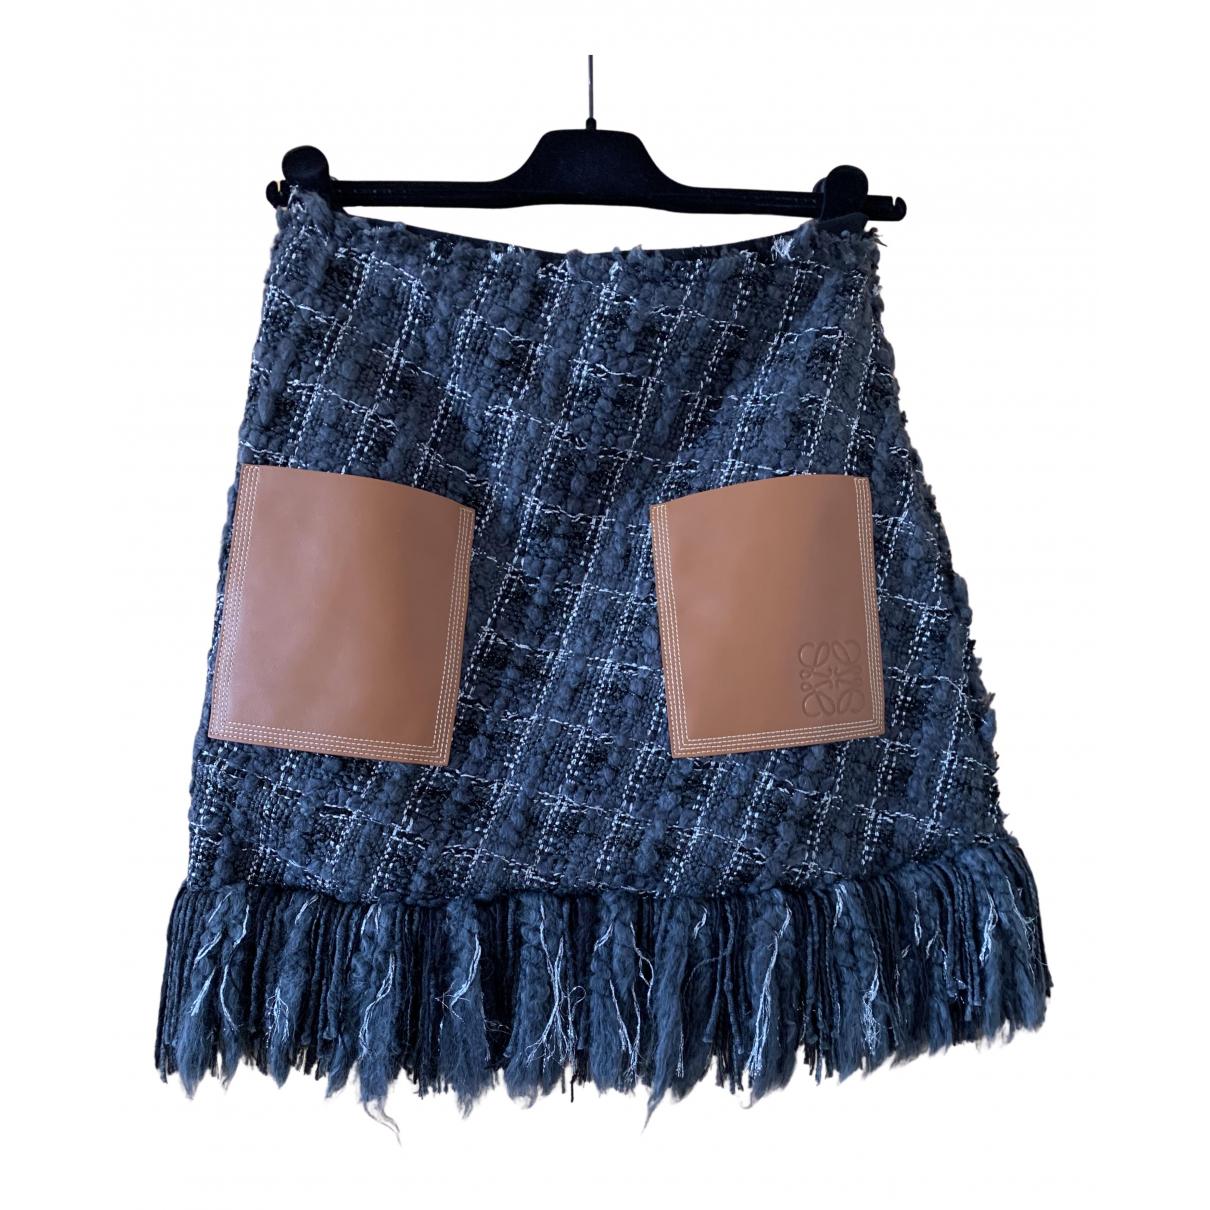 Loewe \N Rocke in  Blau Tweed